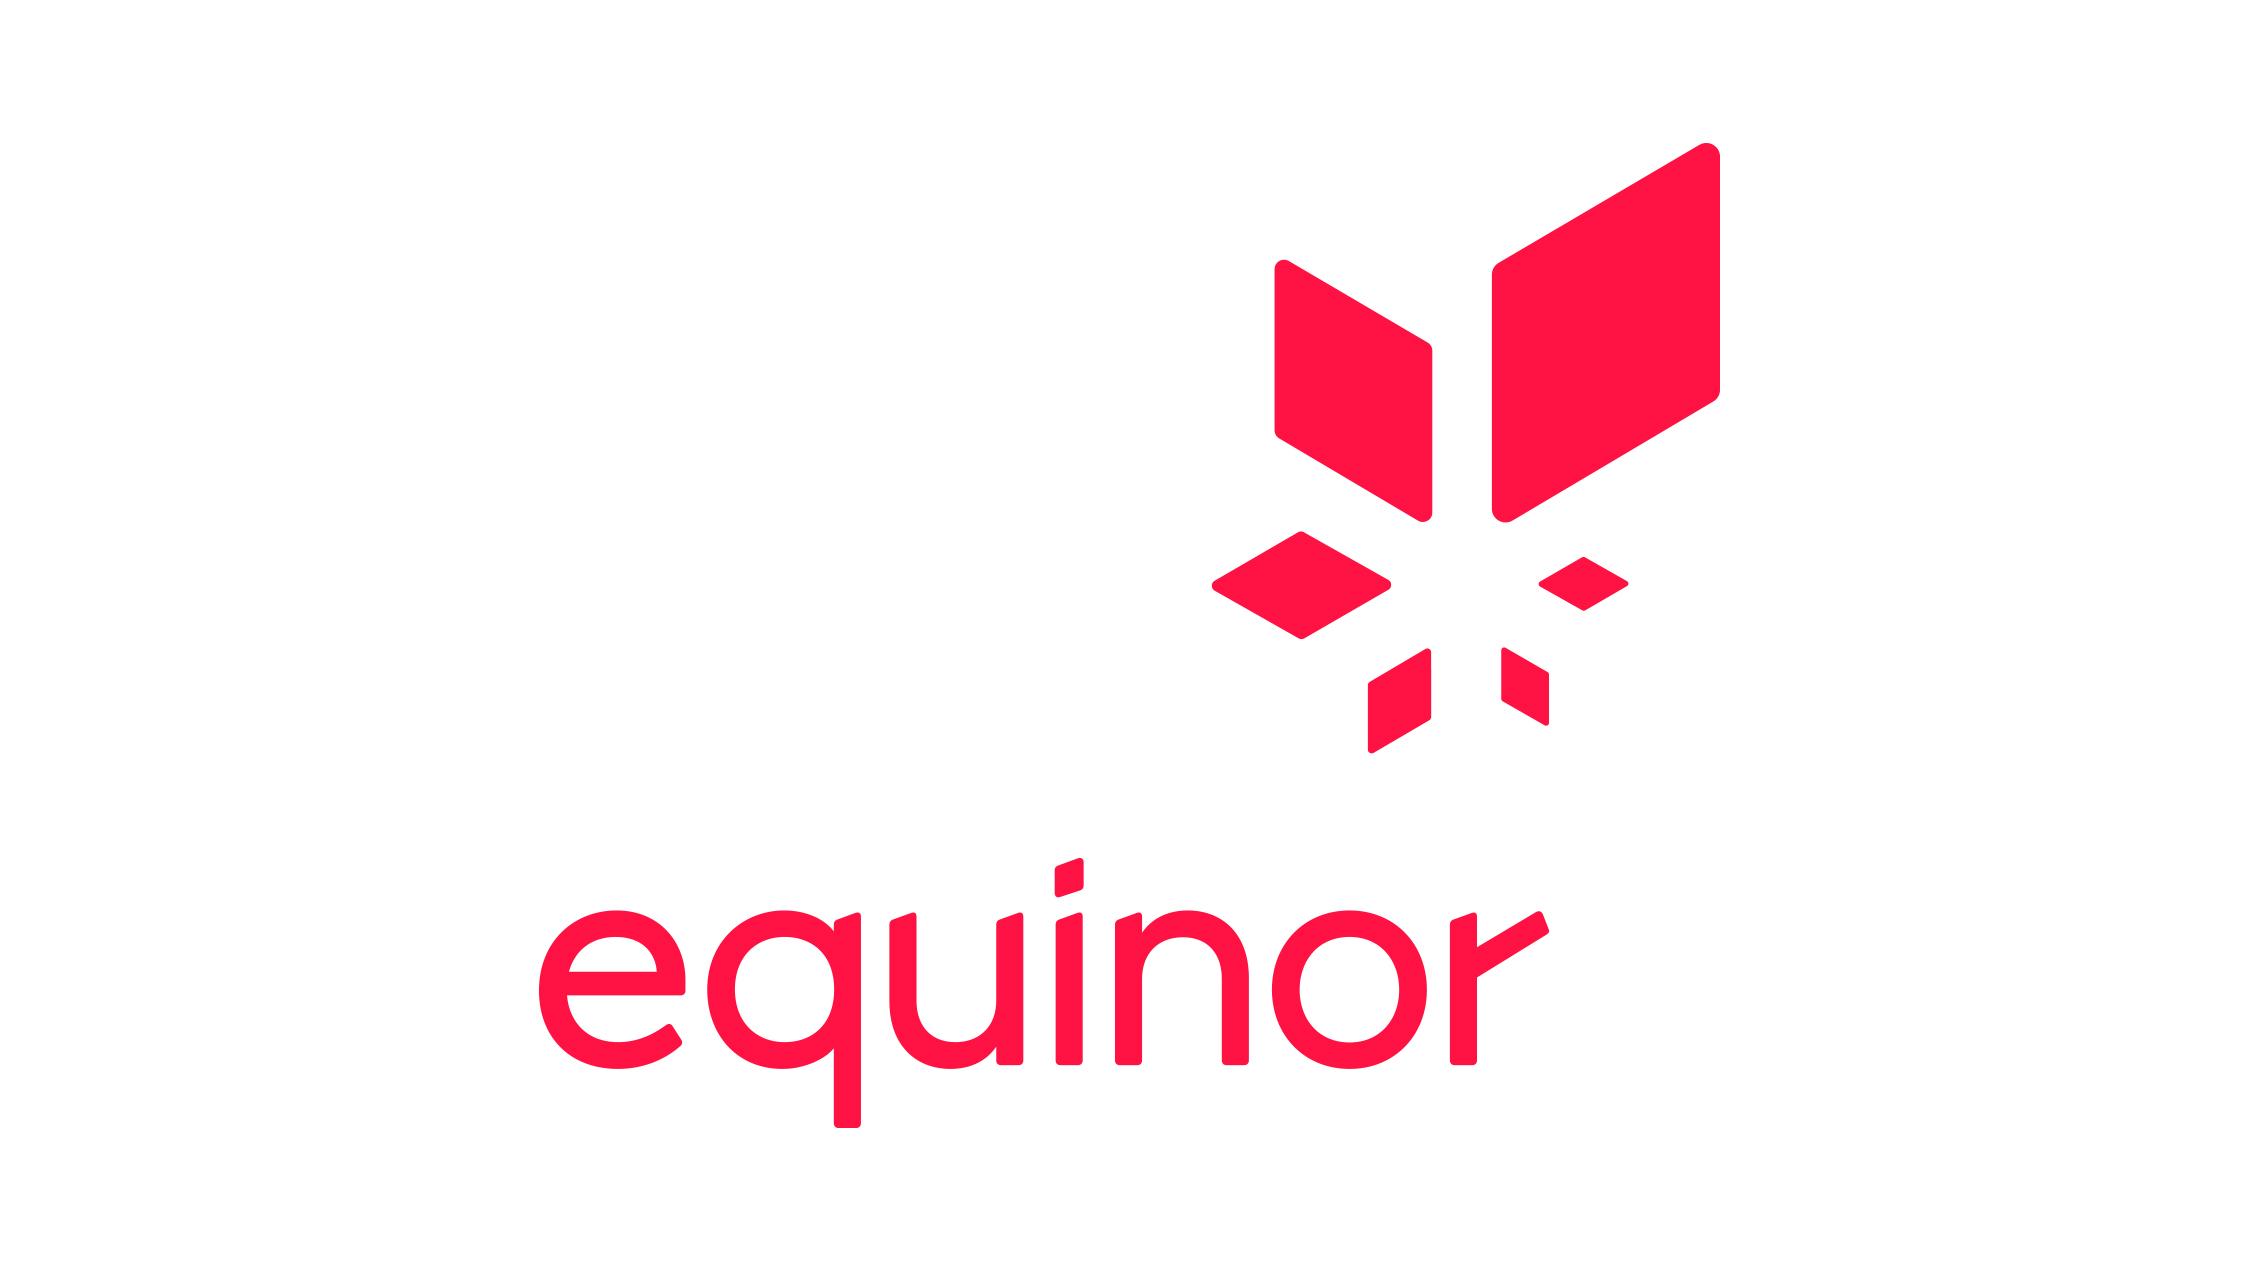 equinor-logo-rgb-16-9.jpg